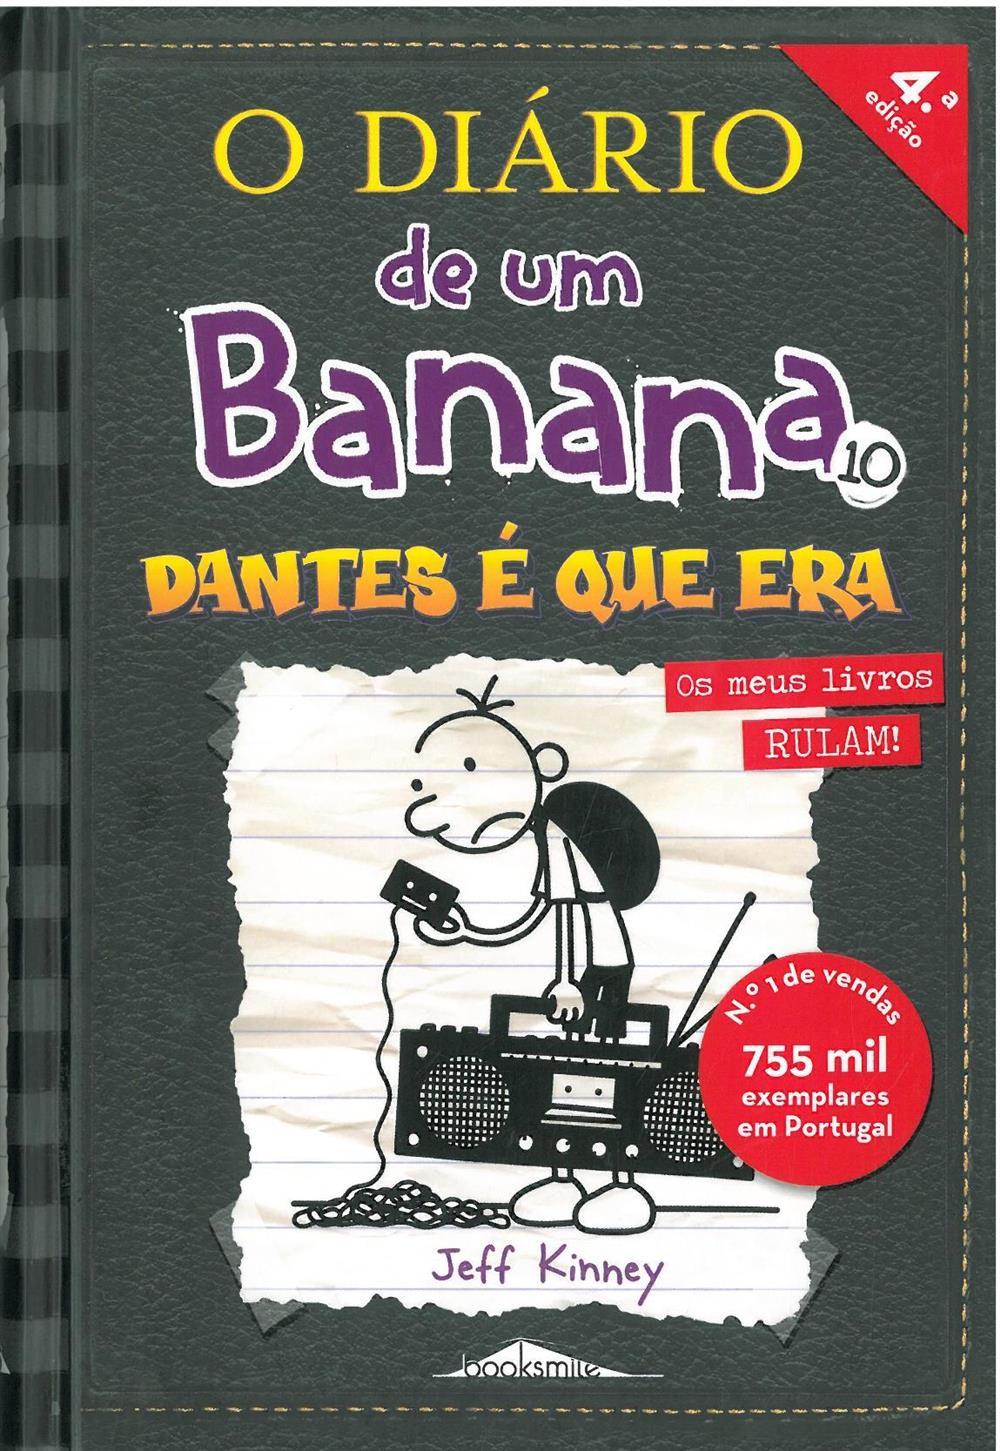 O diário de um banana 10_.jpg